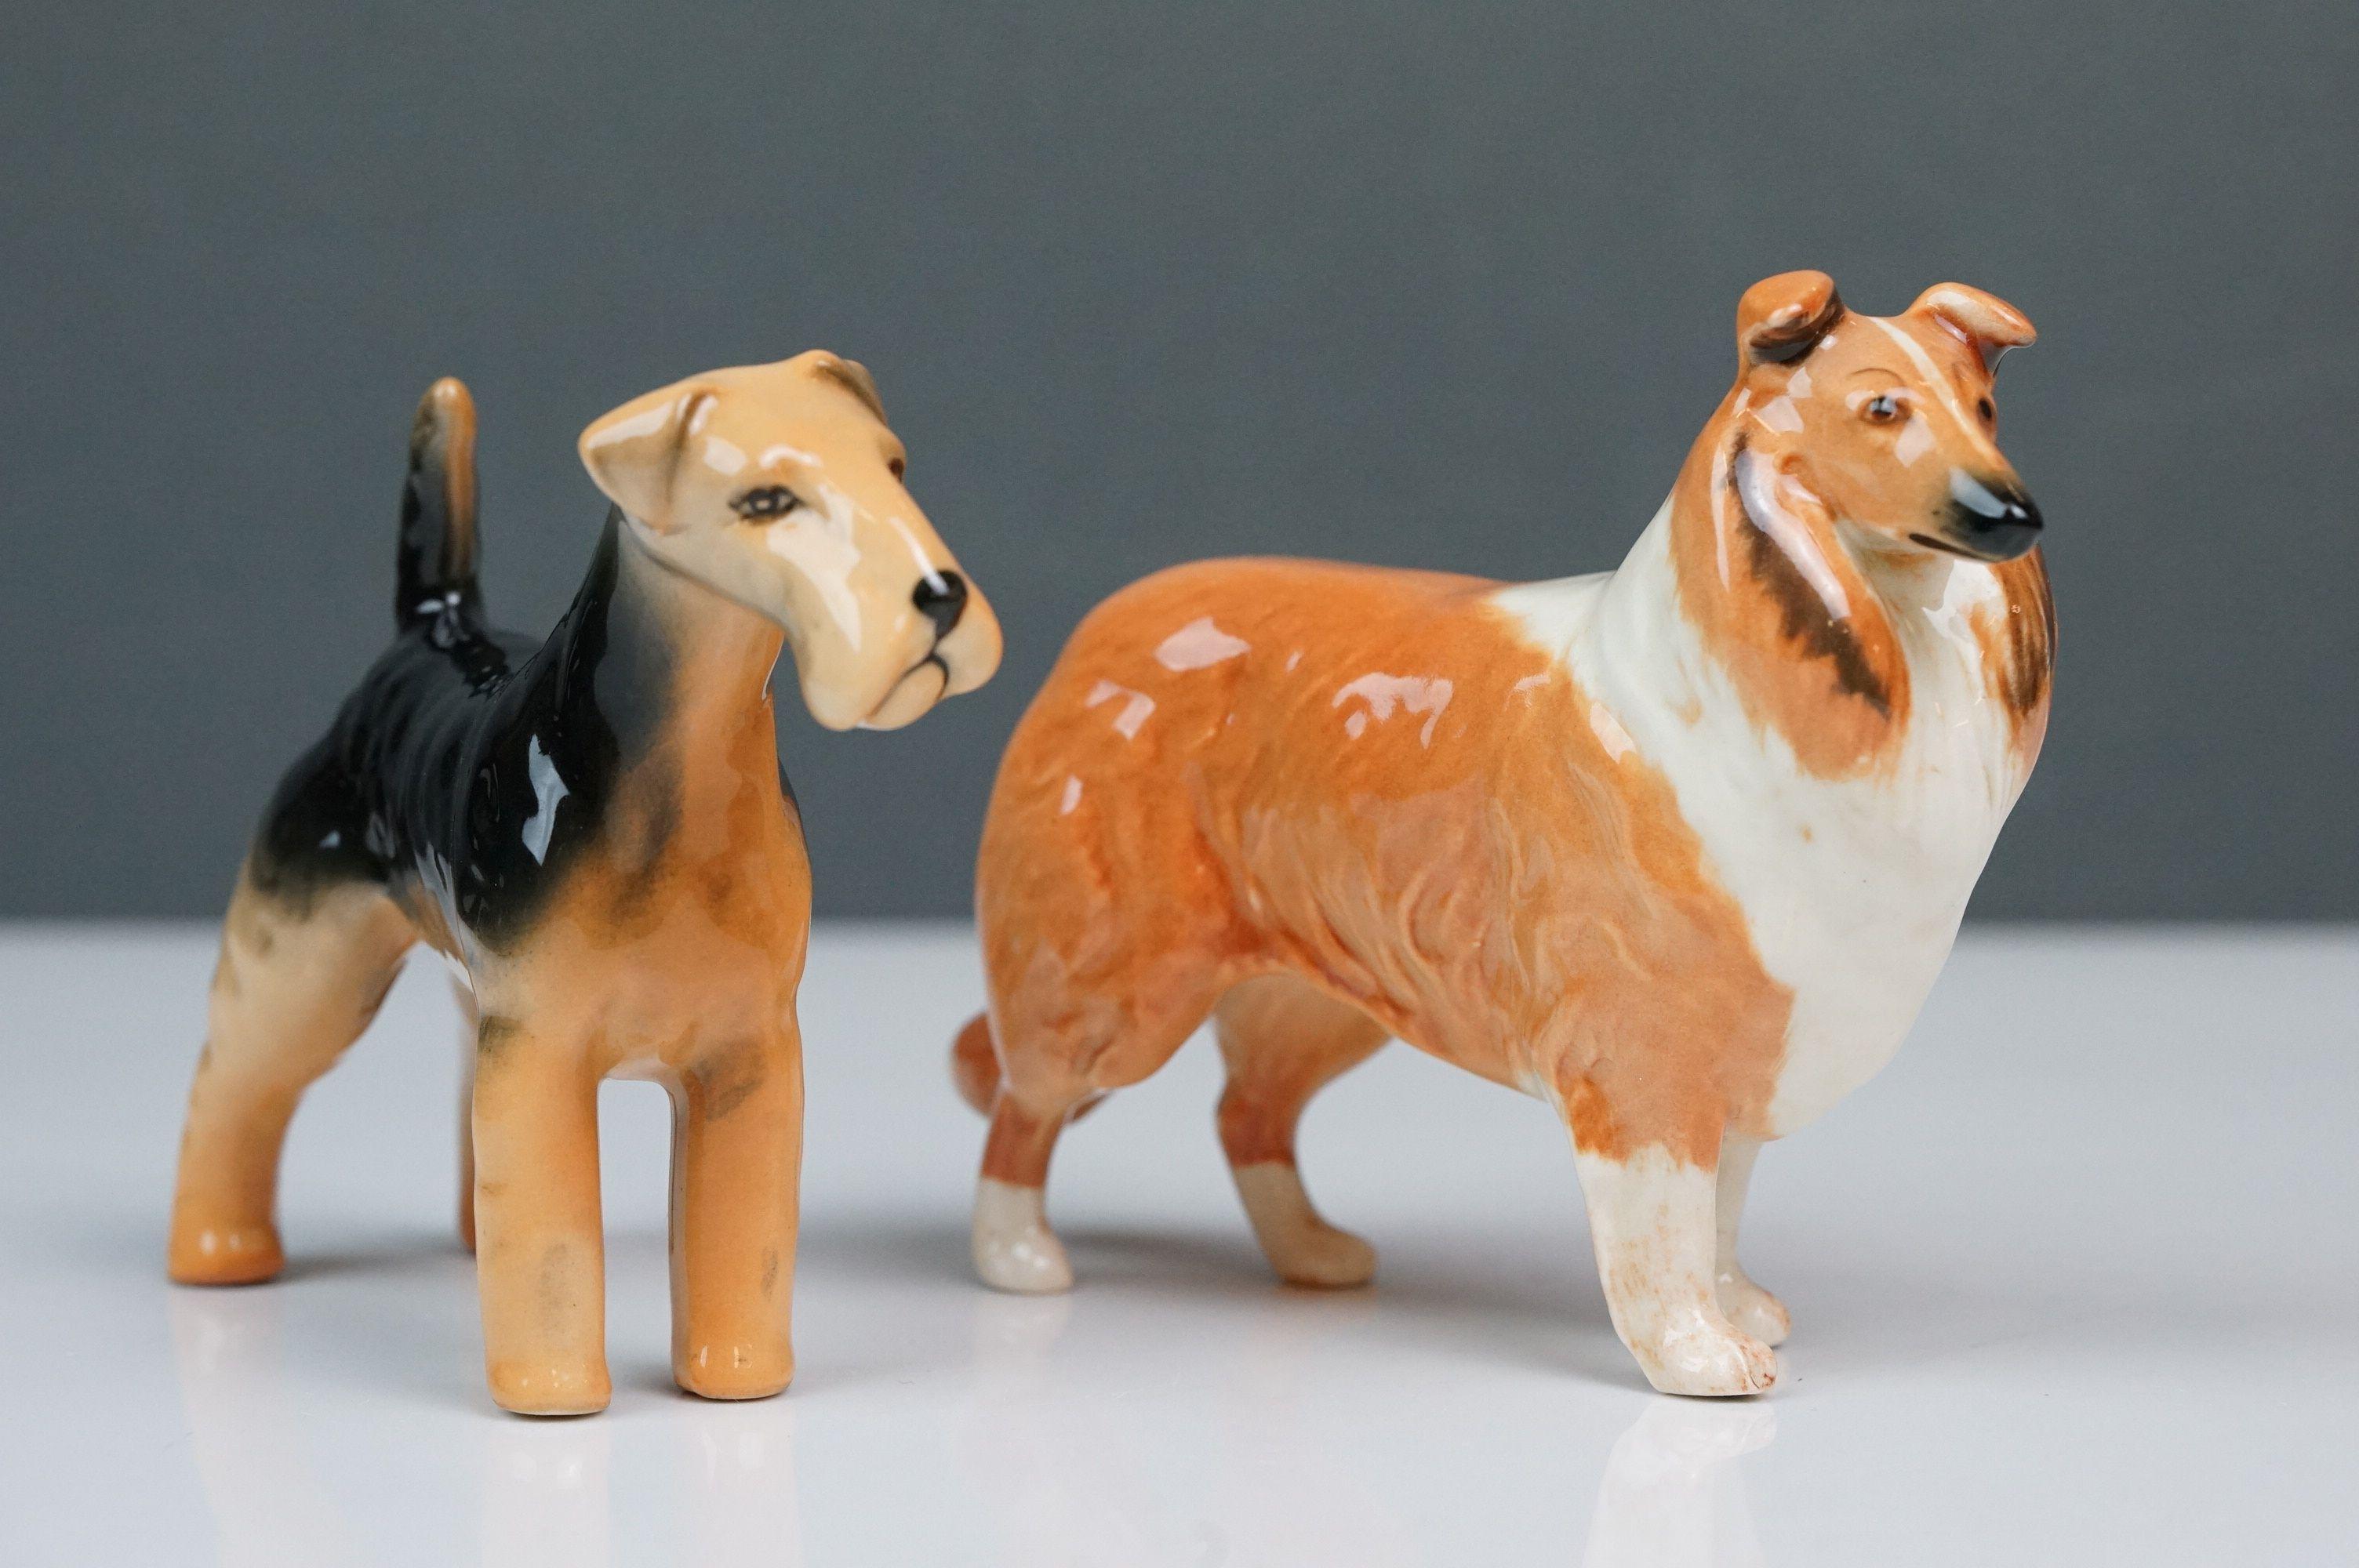 Six Beswick dogs: Bulldog Bosun small, model no. 1731; Corgi small, model no. 1736; Collie small, - Image 2 of 12